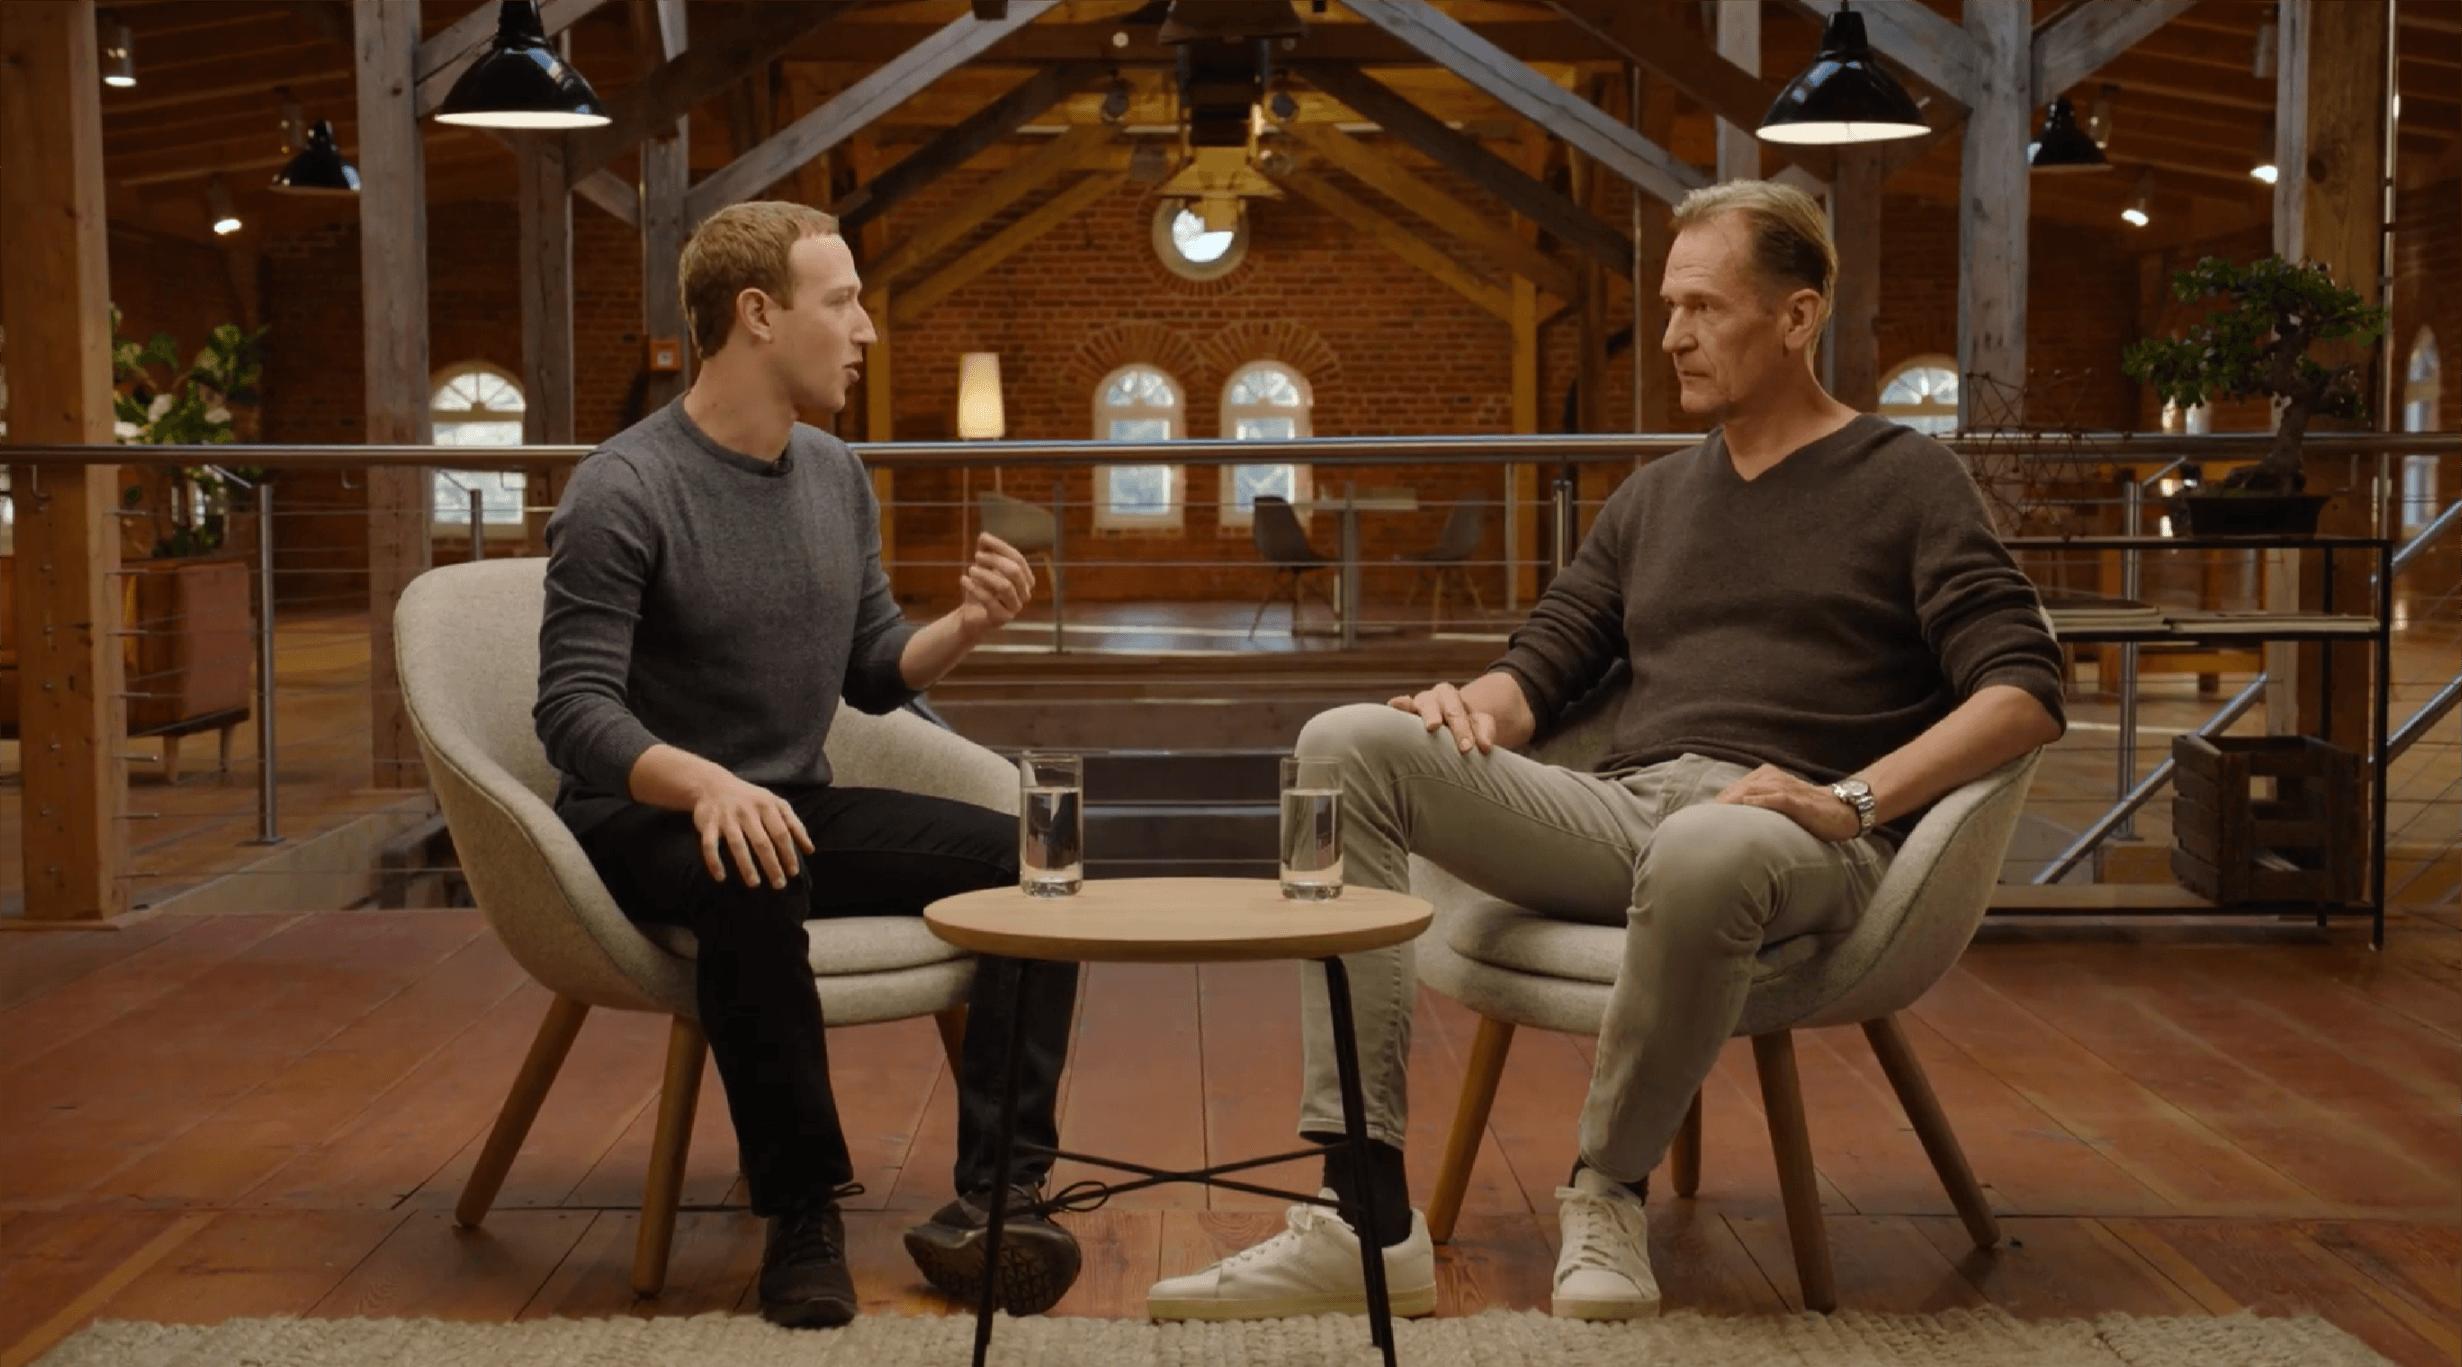 Facebook pójdzie na wojnę z Apple News+. Zuckerberg rozważa płacenie wydawcom za artykuły